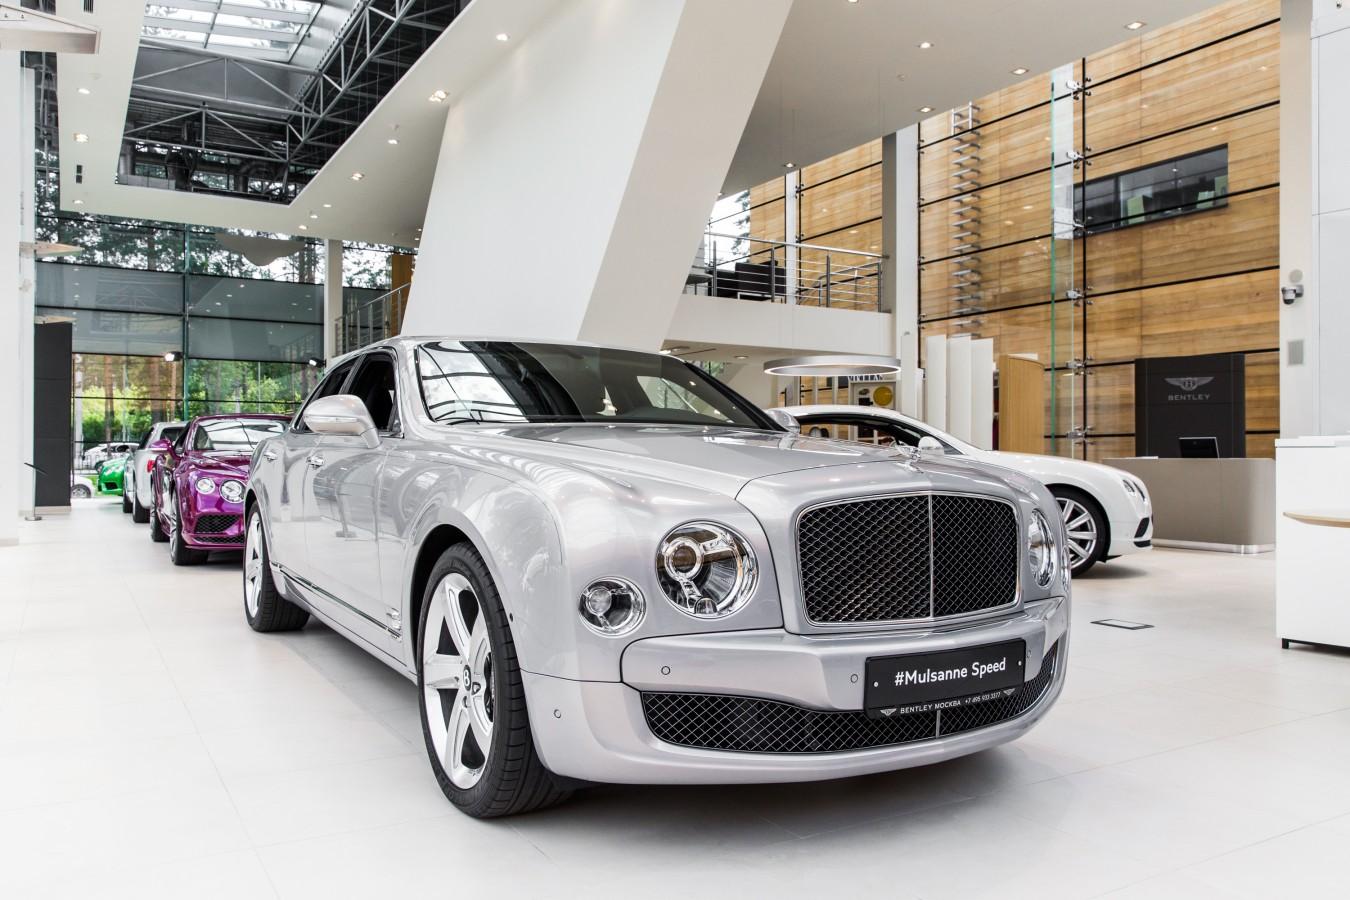 О компании - изображение NICK15861 на Bentleymoscow.ru!